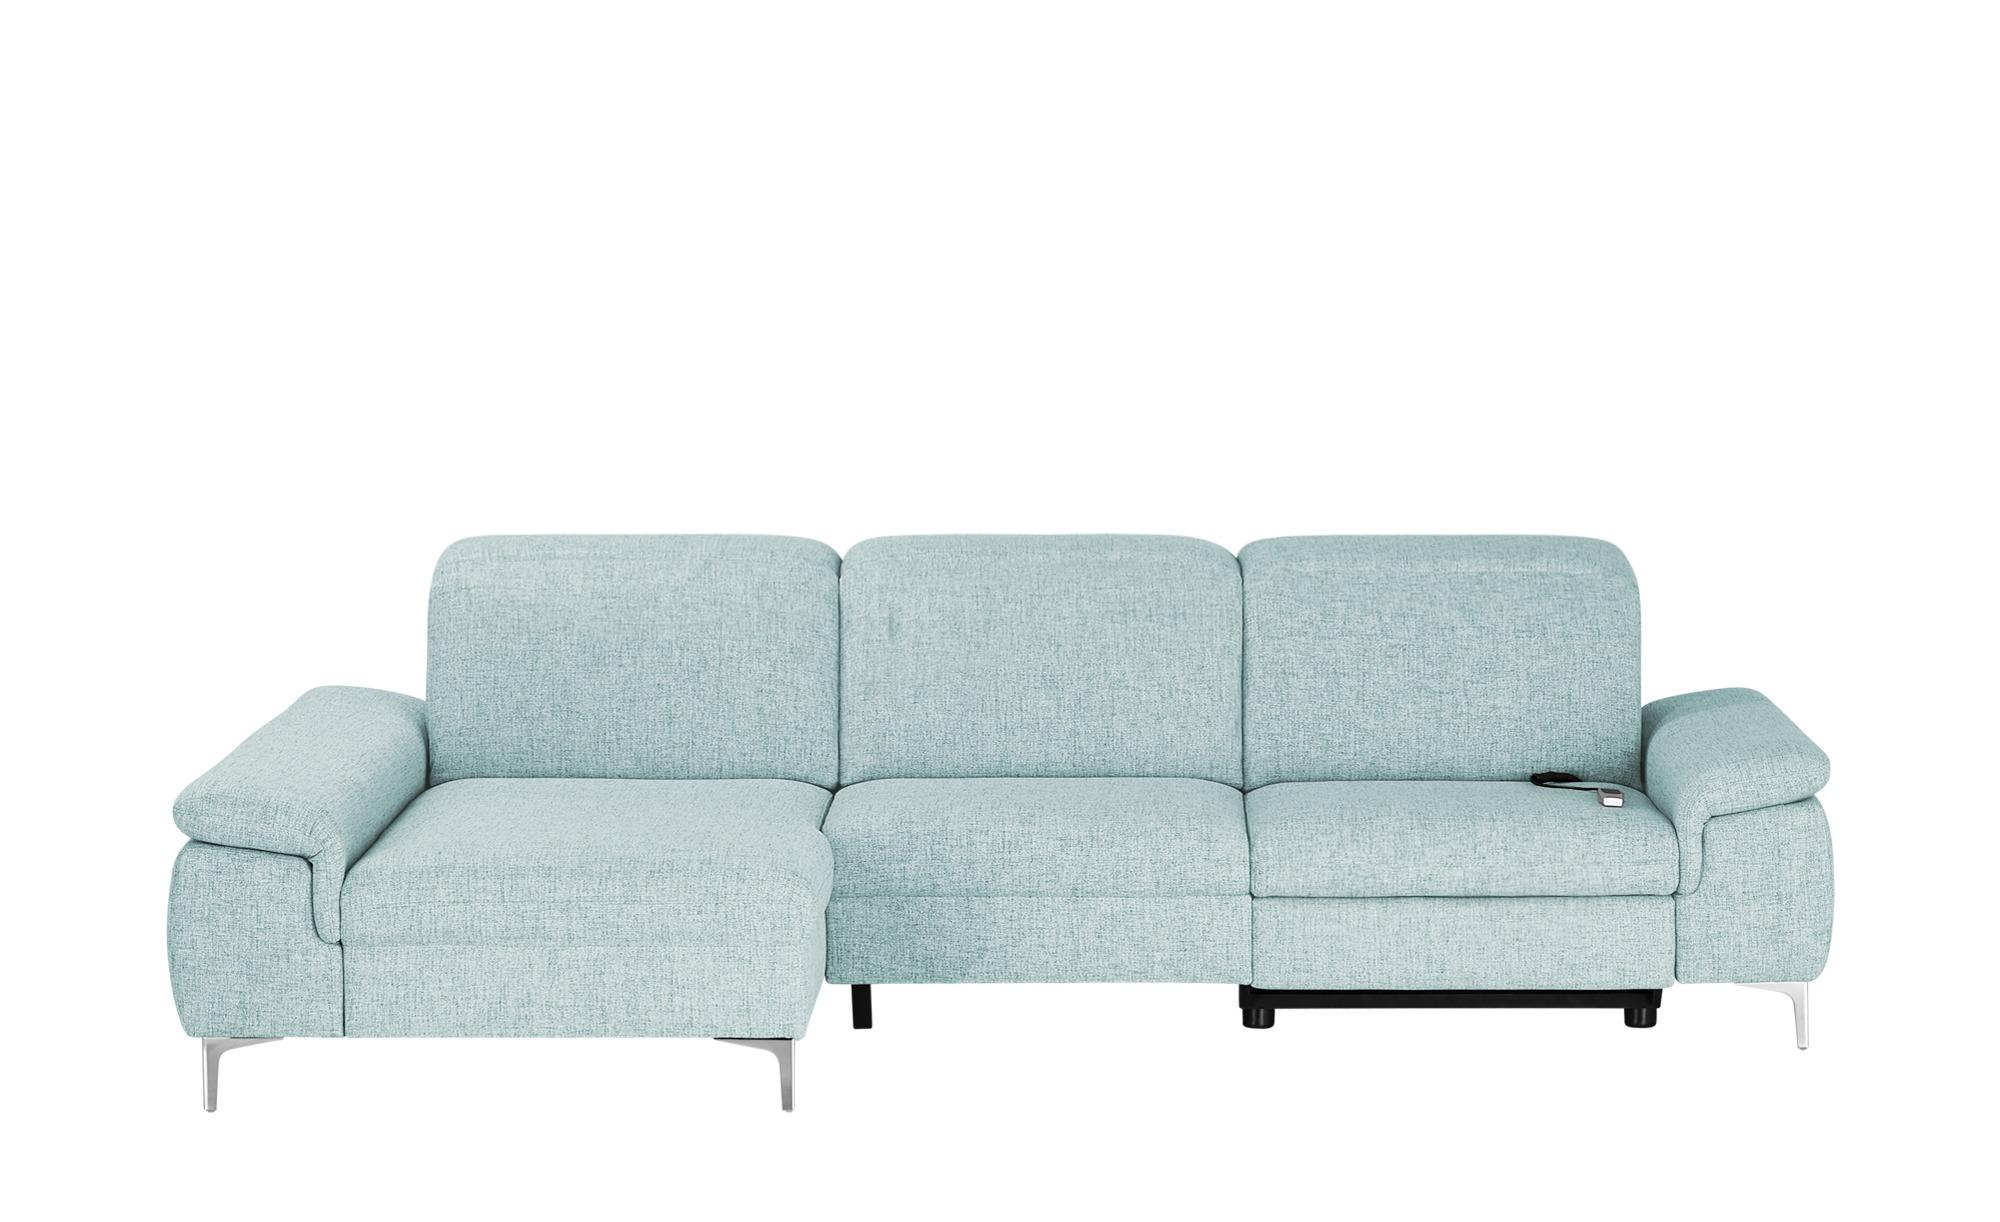 Ecksofa mit Relaxfunktion  Kyoto ¦ blau ¦ Maße (cm): H: 87 Polstermöbel > Sofas > Ecksofas - Höffner